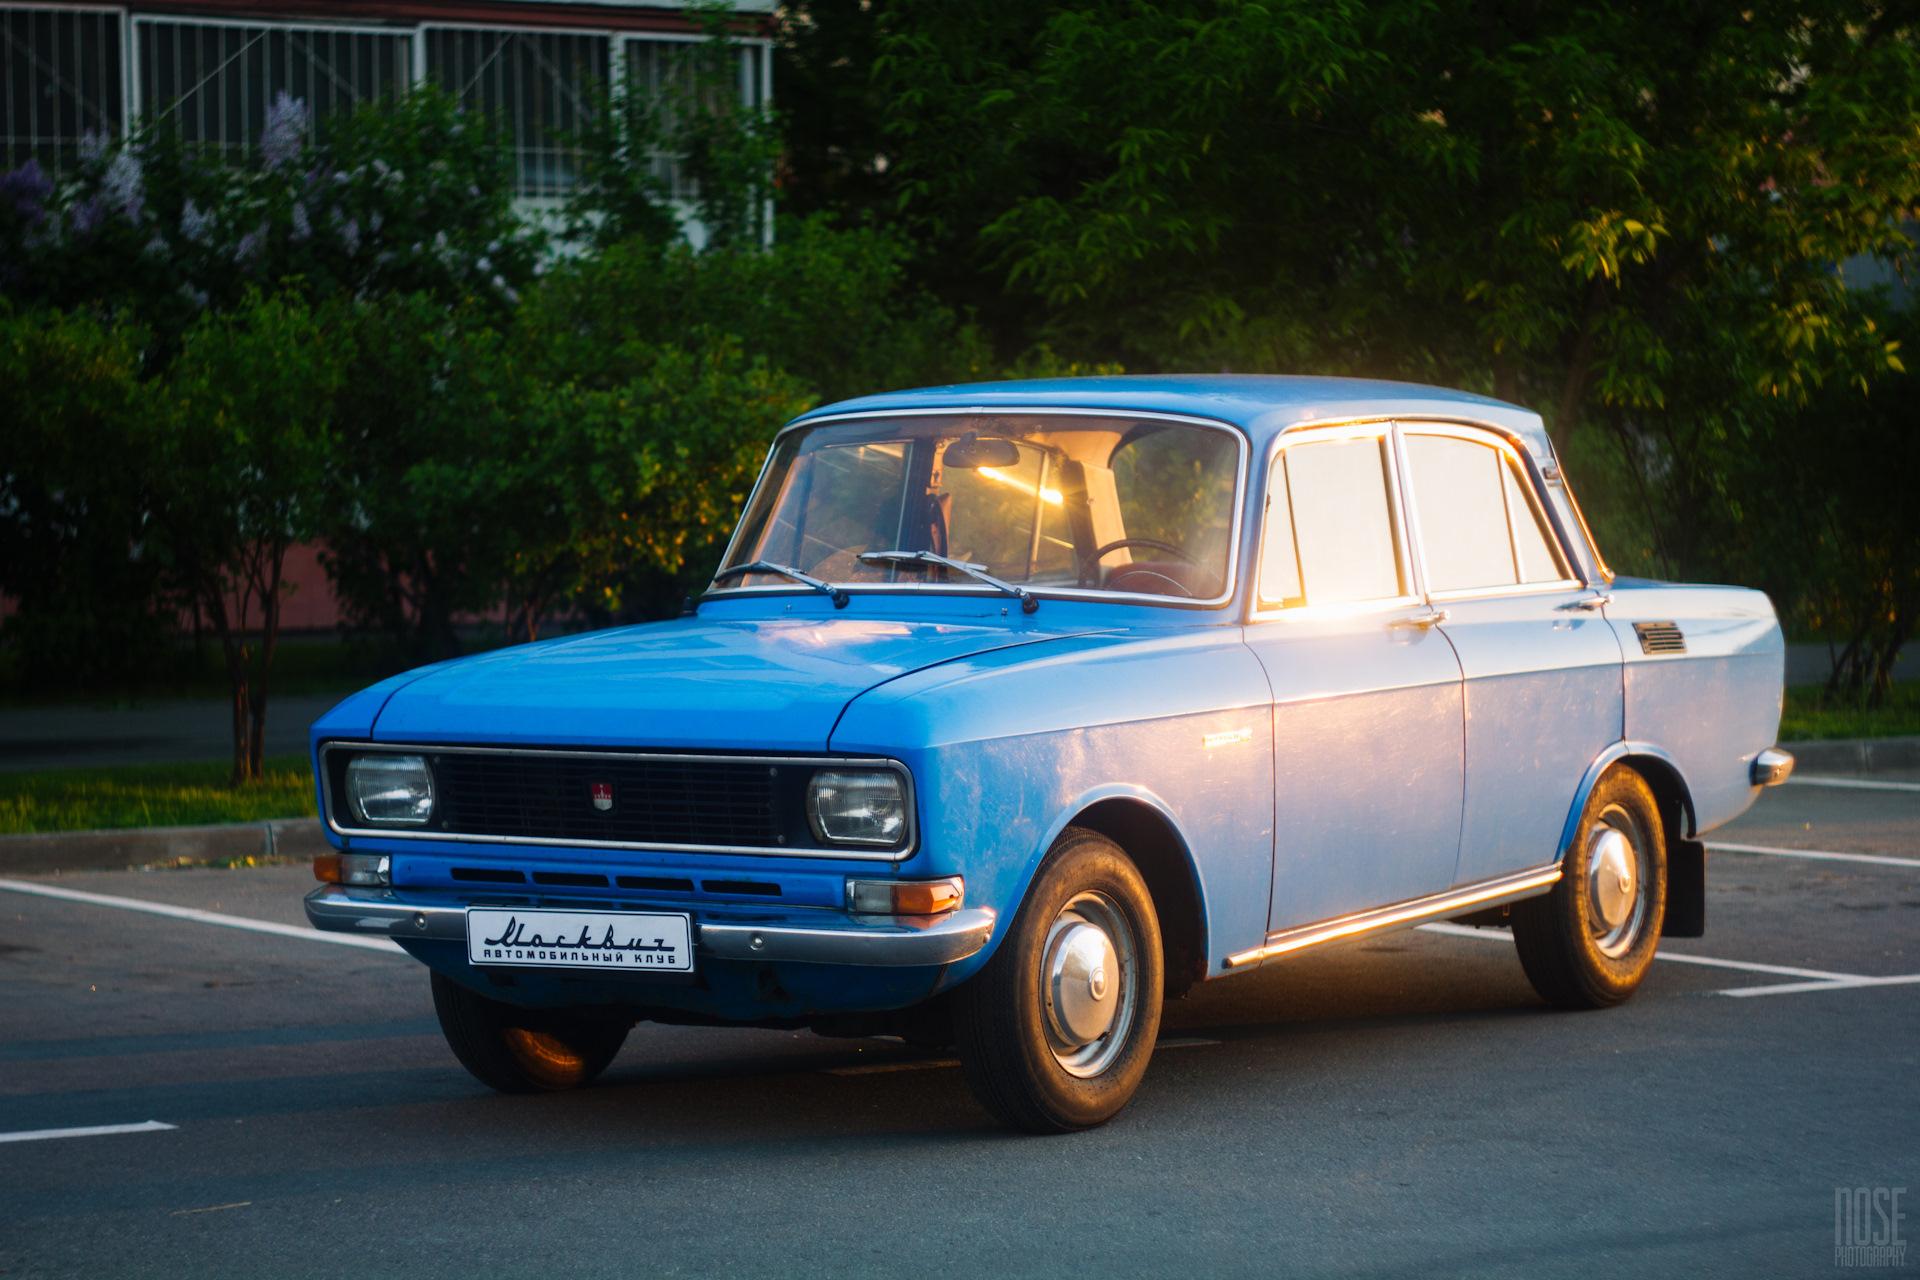 автомобили москвич все модели фото относительно короткий